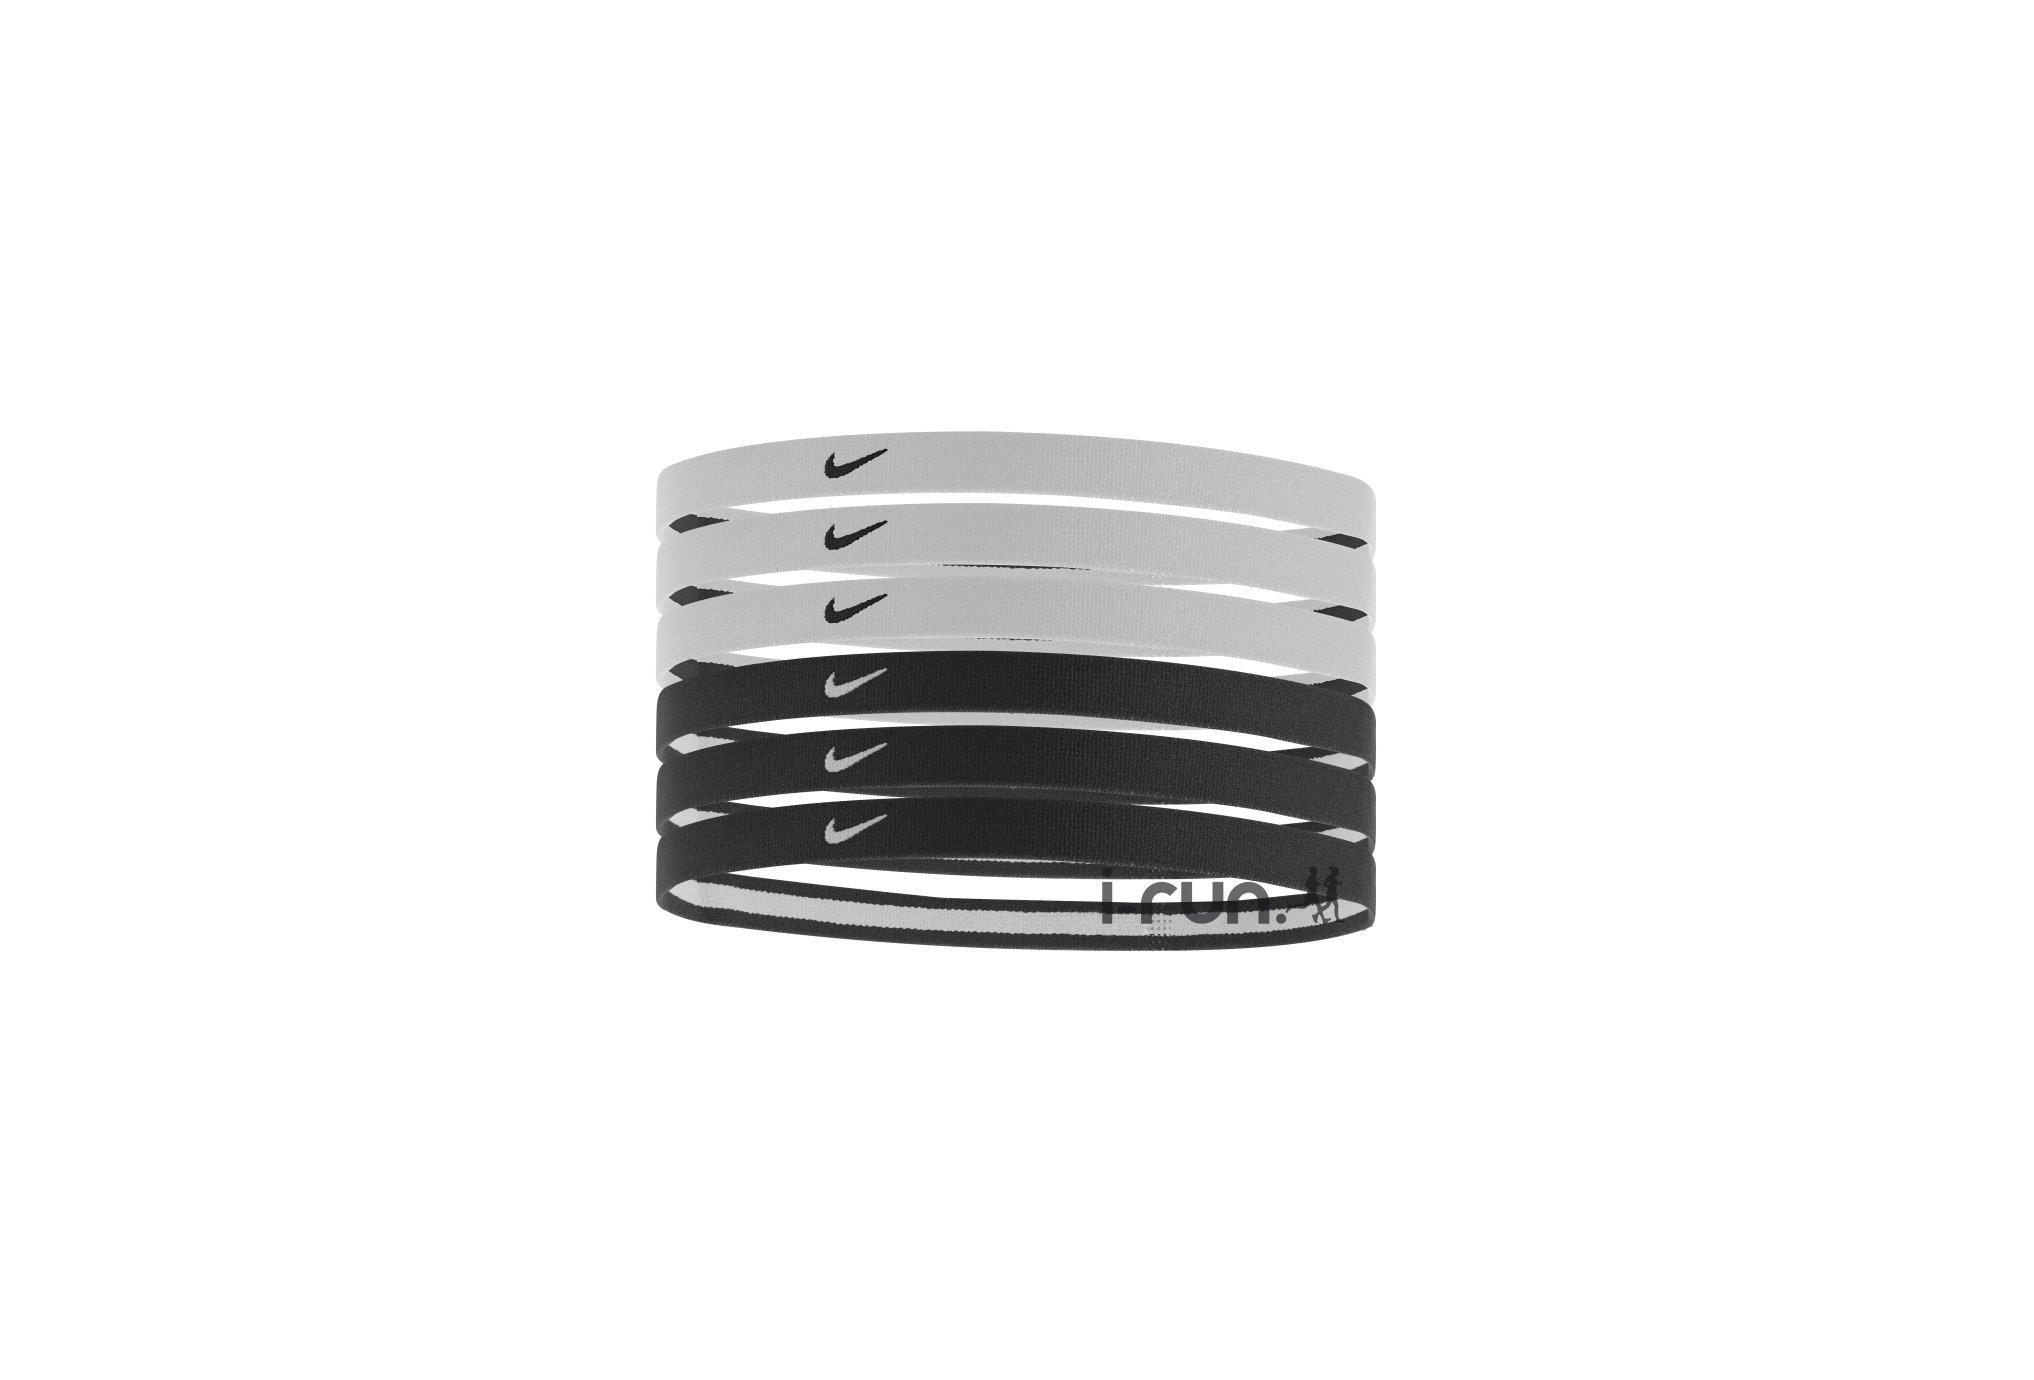 Nike Elastiques Hairbands x6 Casquettes / bandeaux